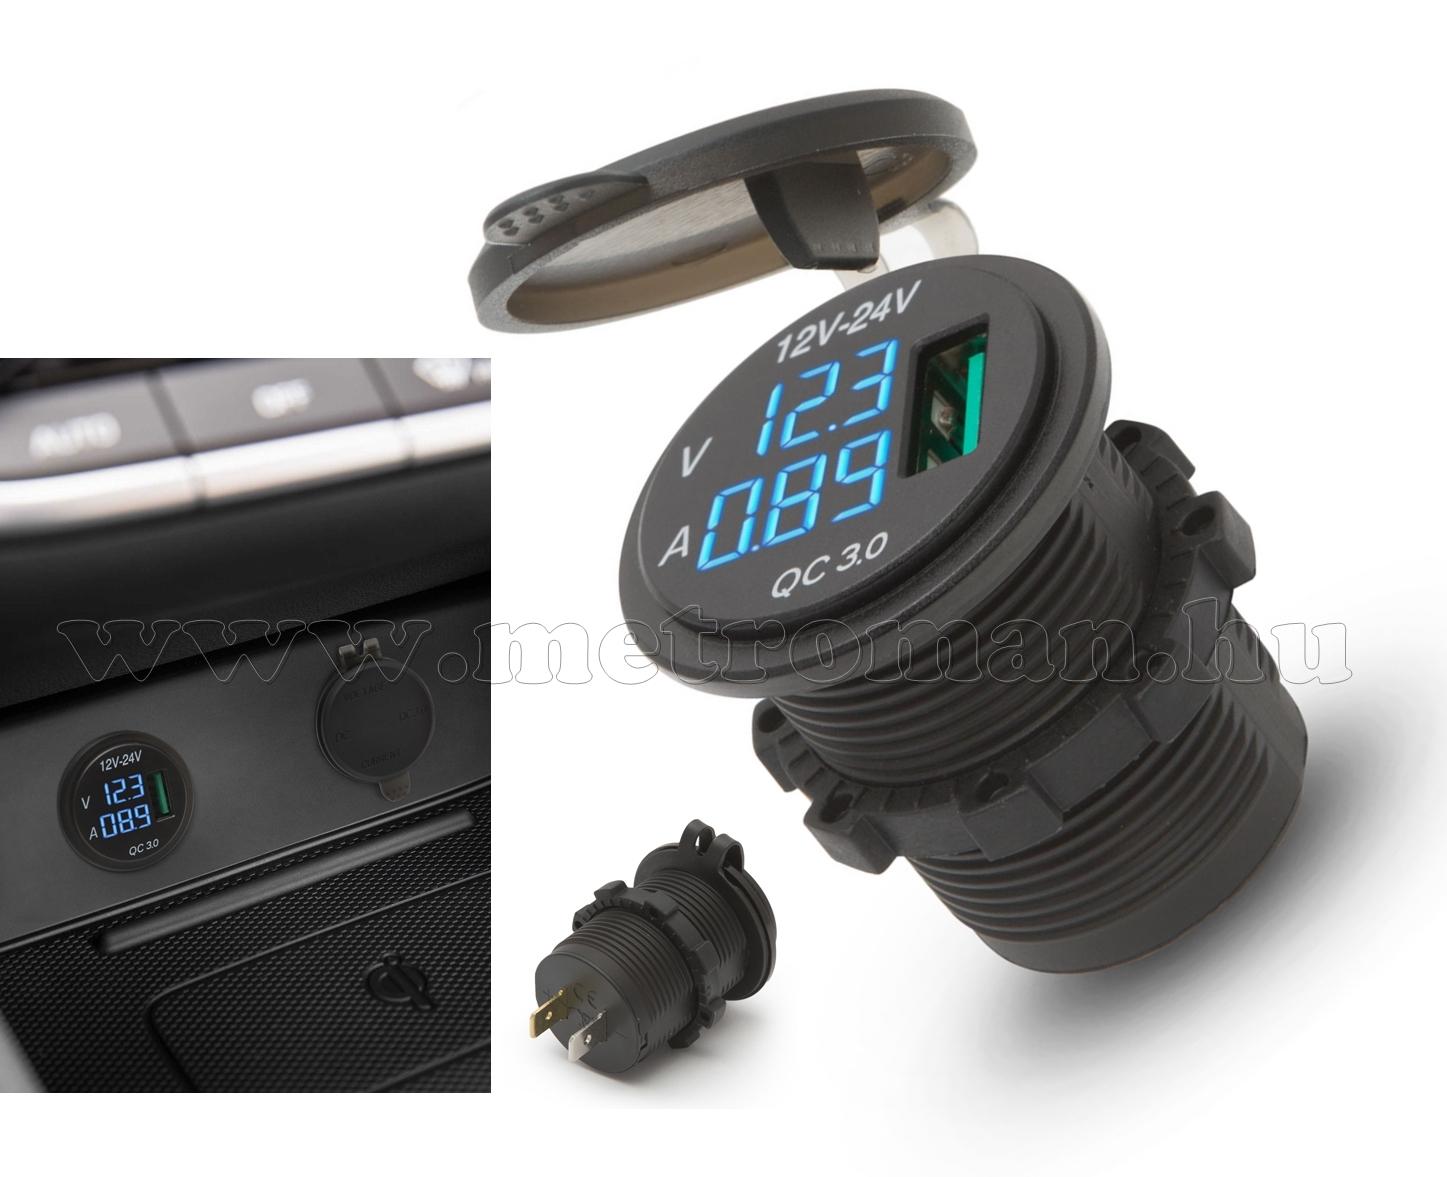 Beépíthető autós USB töltő aljzat és feszültségmérő 54927